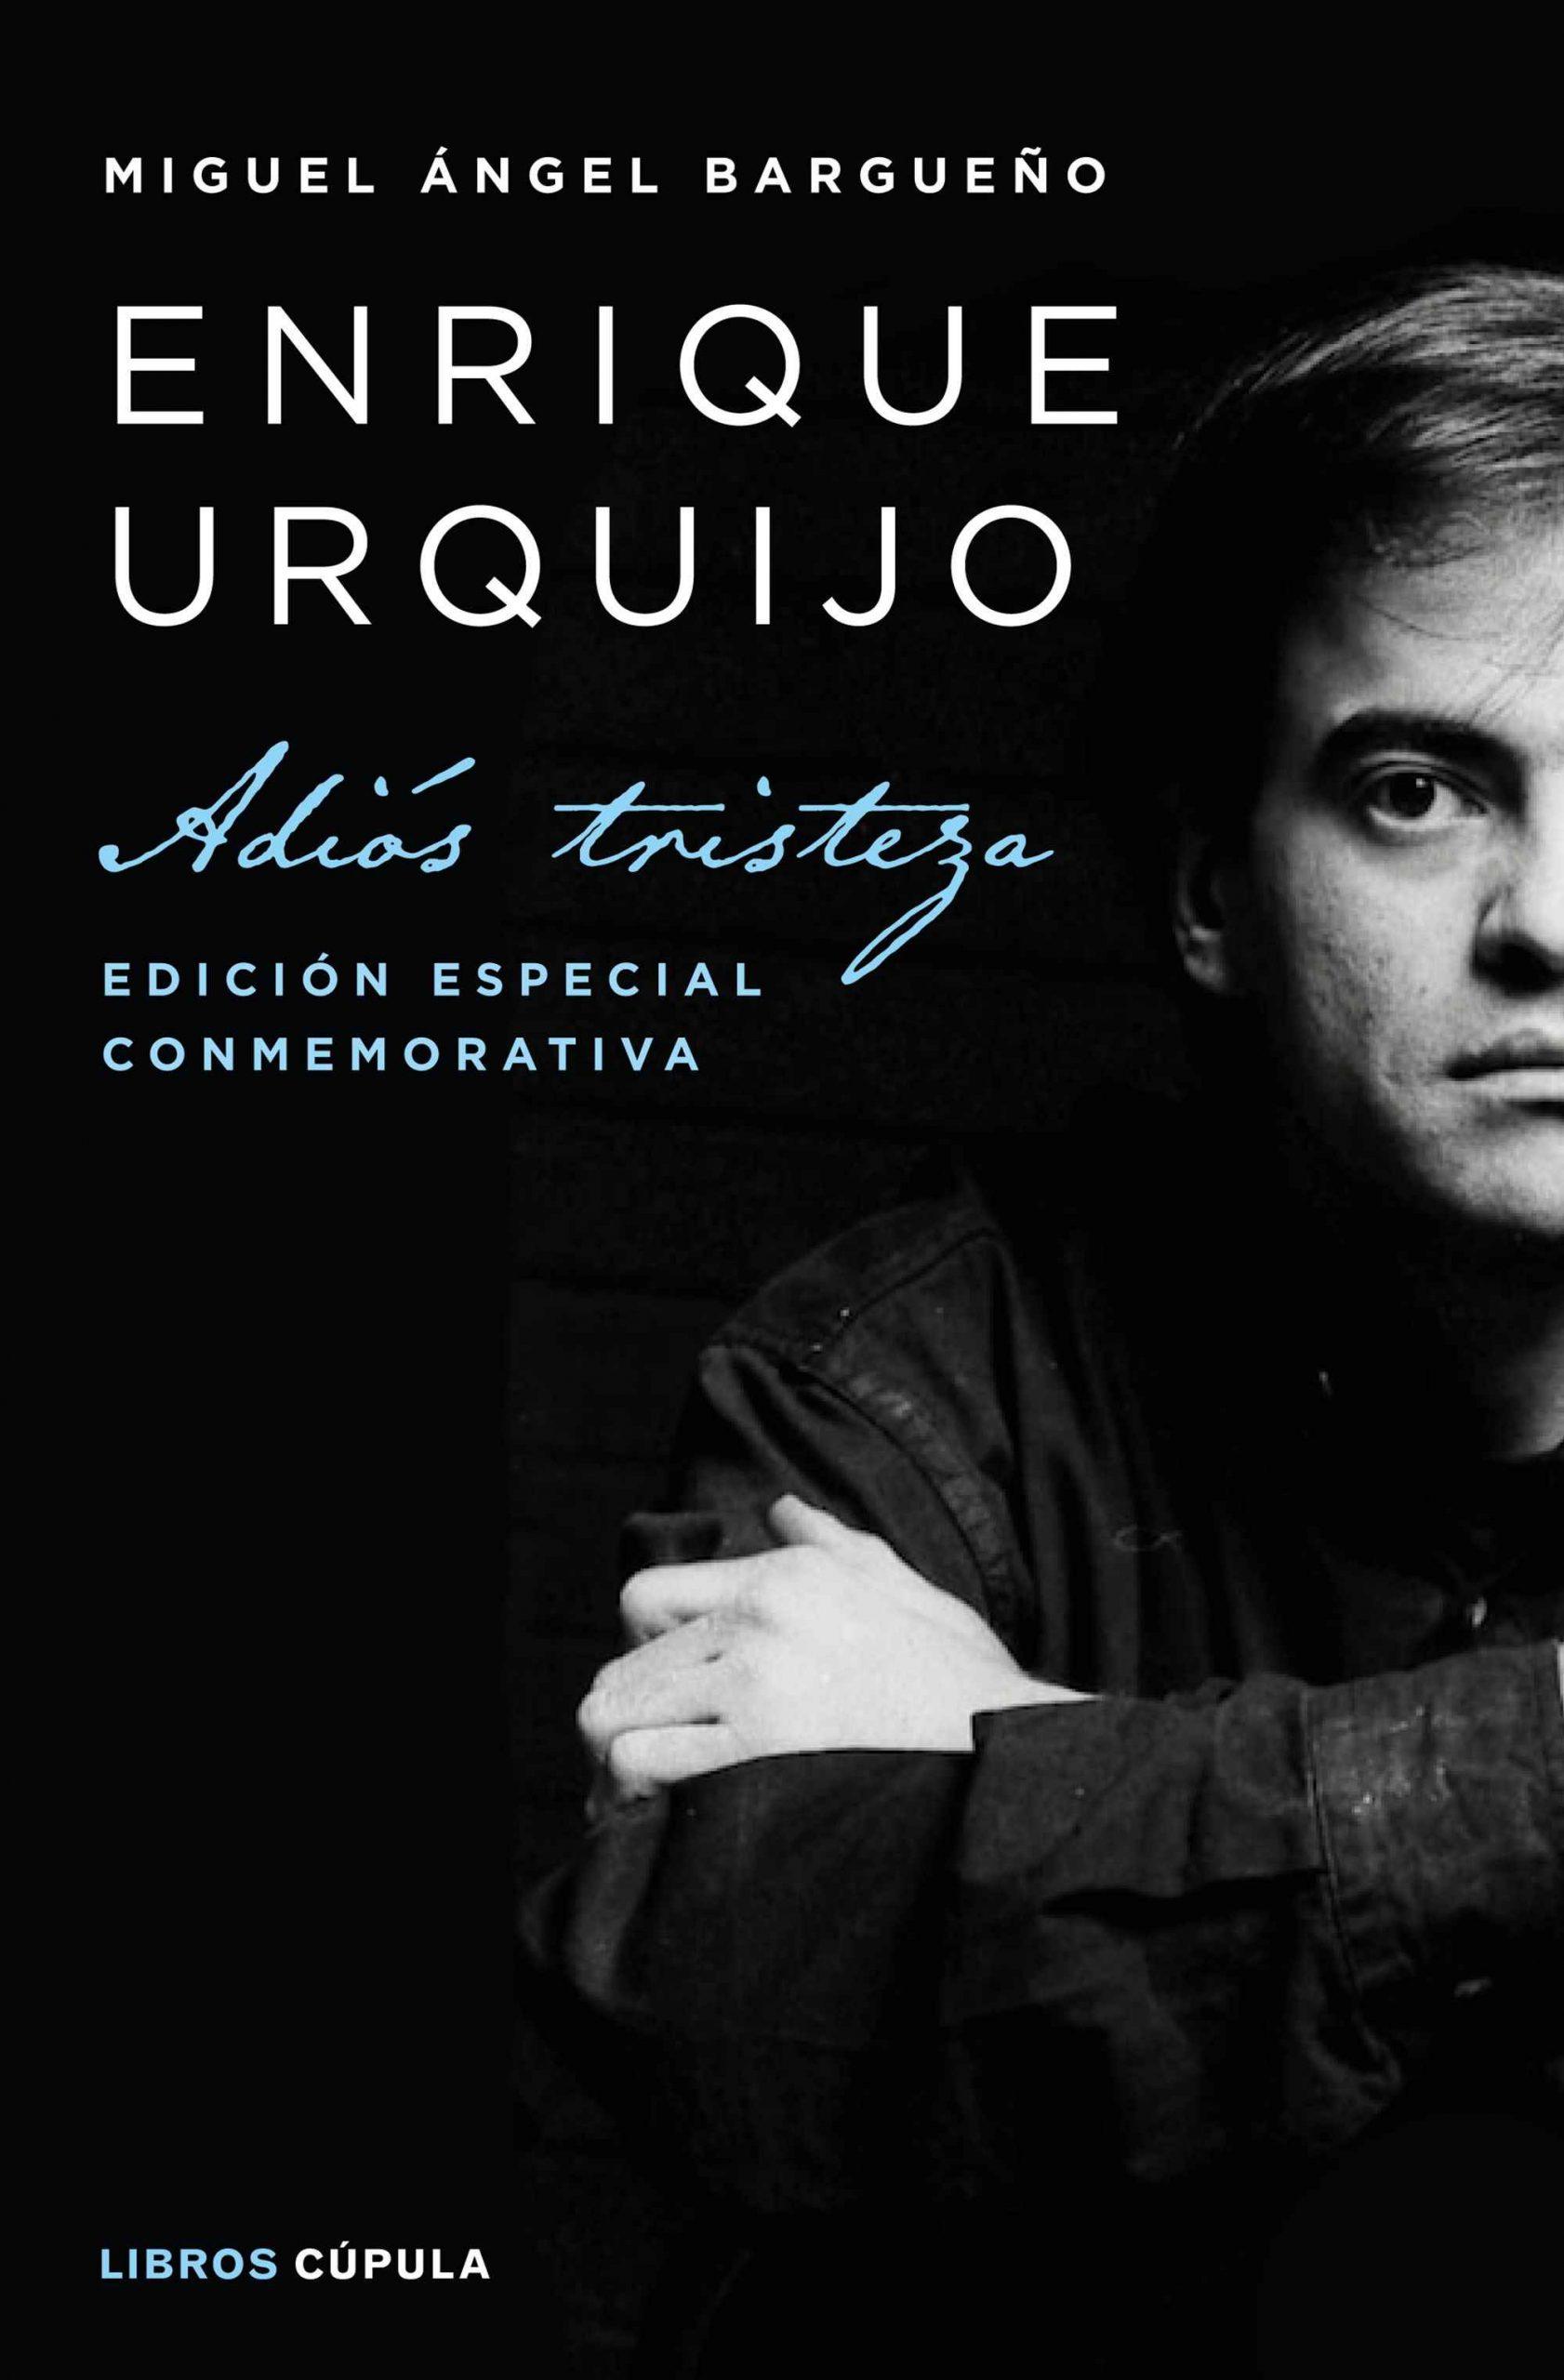 """El libro perfecto para recordar a un genio, Enrique Urquijo<span class=""""wtr-time-wrap after-title""""><span class=""""wtr-time-number"""">14</span> minutos de lectura</span>"""